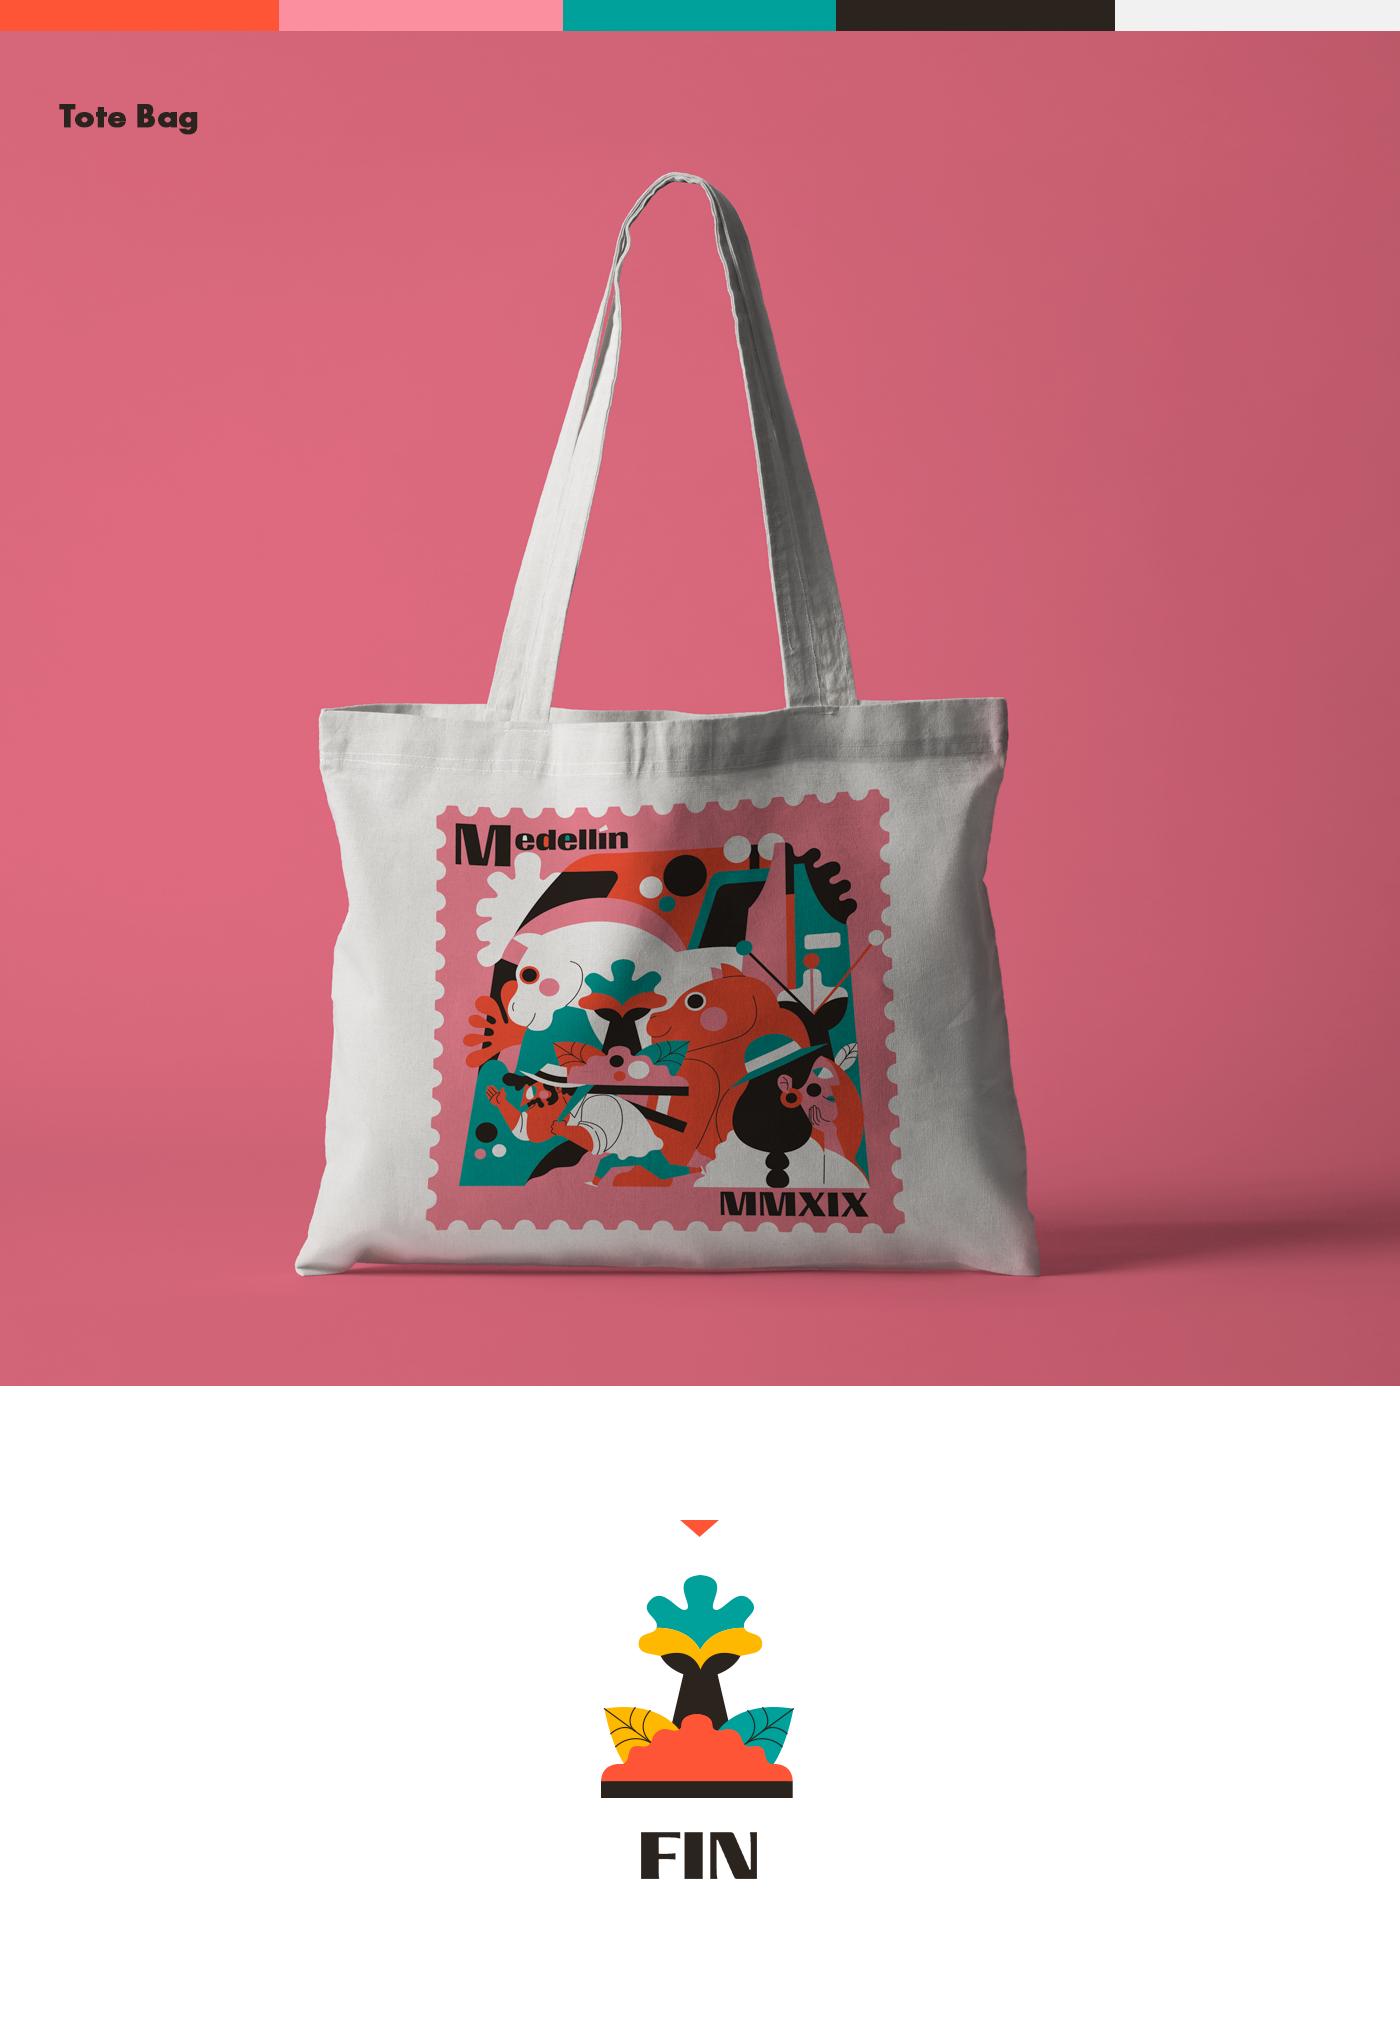 medellin colombia ilustracion Tote Bag camiseta t-shirt bolso txtil fiber Procreate